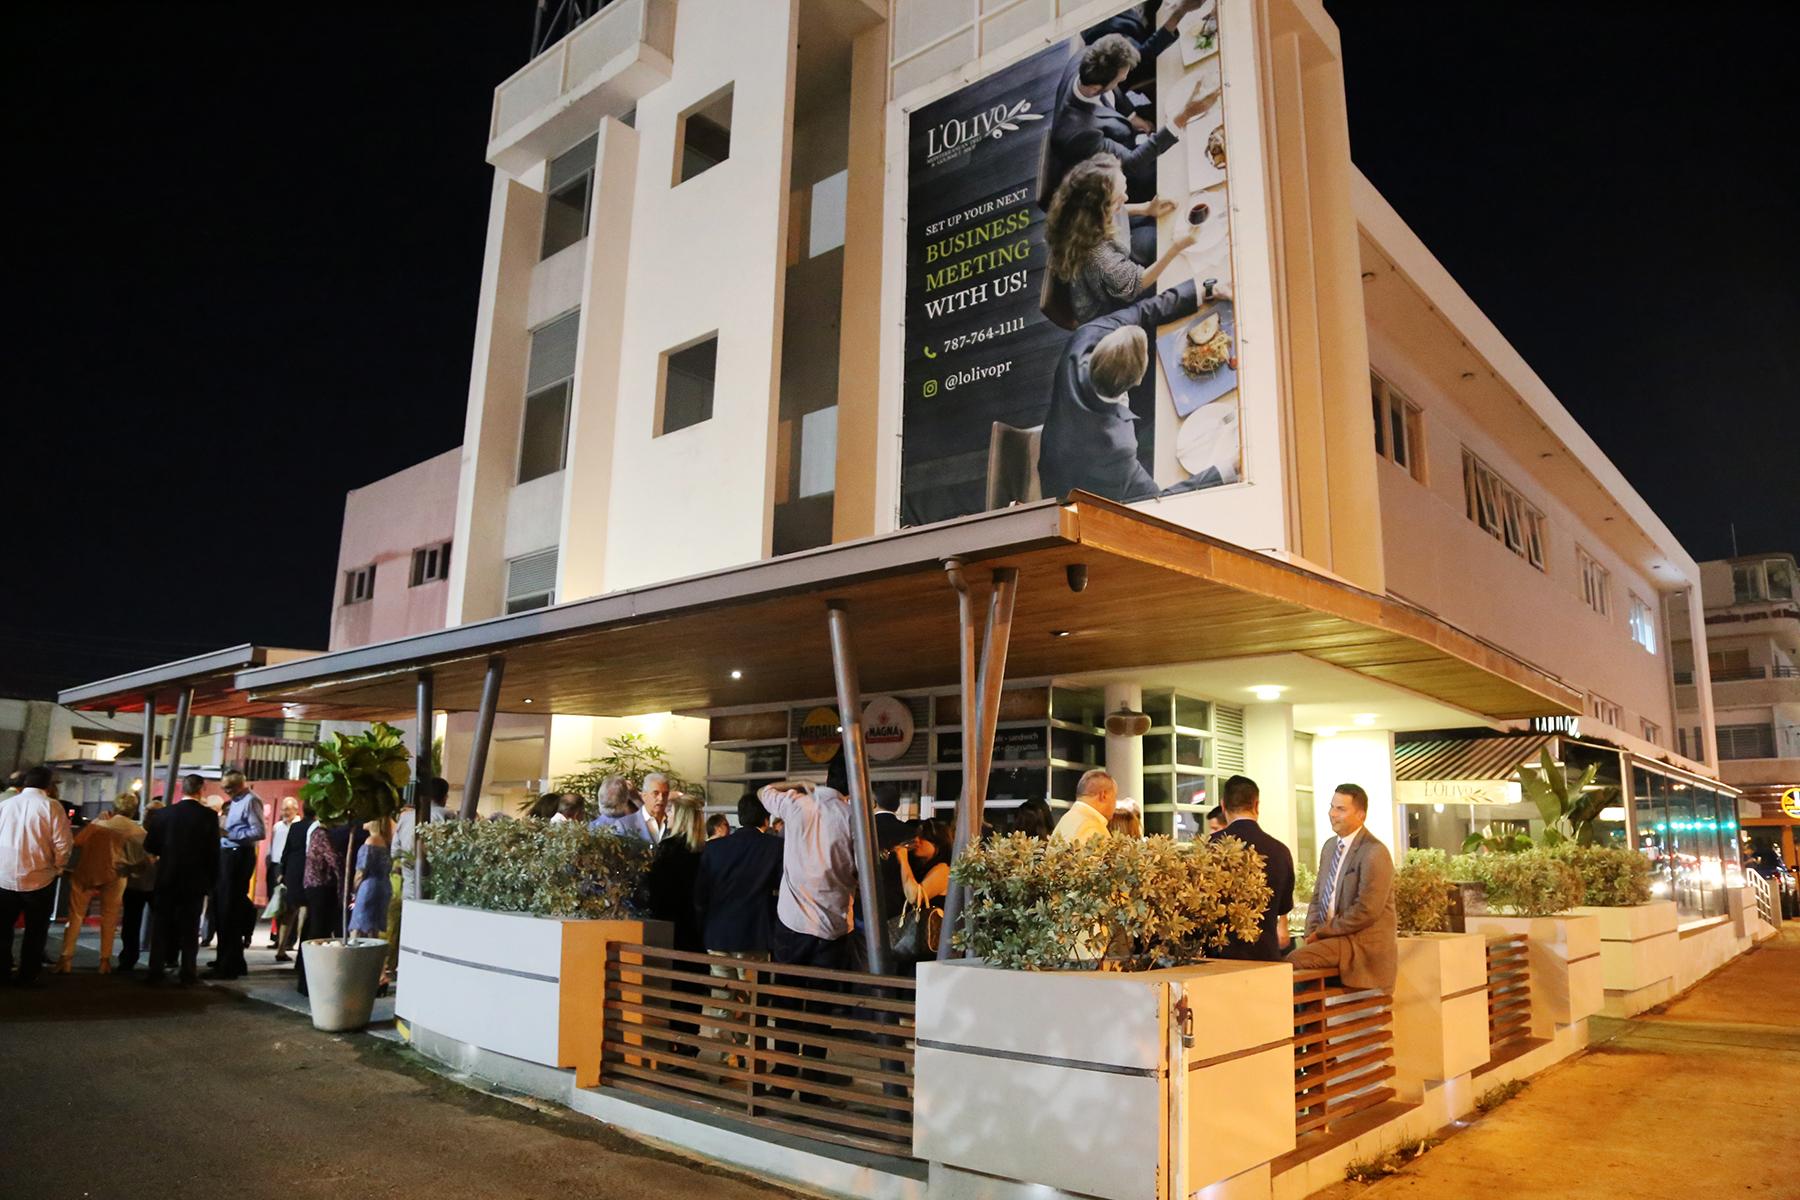 La decimosexta Cena Amigos de la Esperanza se celebró en el restaurante L'Olivo con los chefs Víctor Mojica y John Ayala y los vinos de Ambrosía. (Foto: Nichole Saldarriaga)